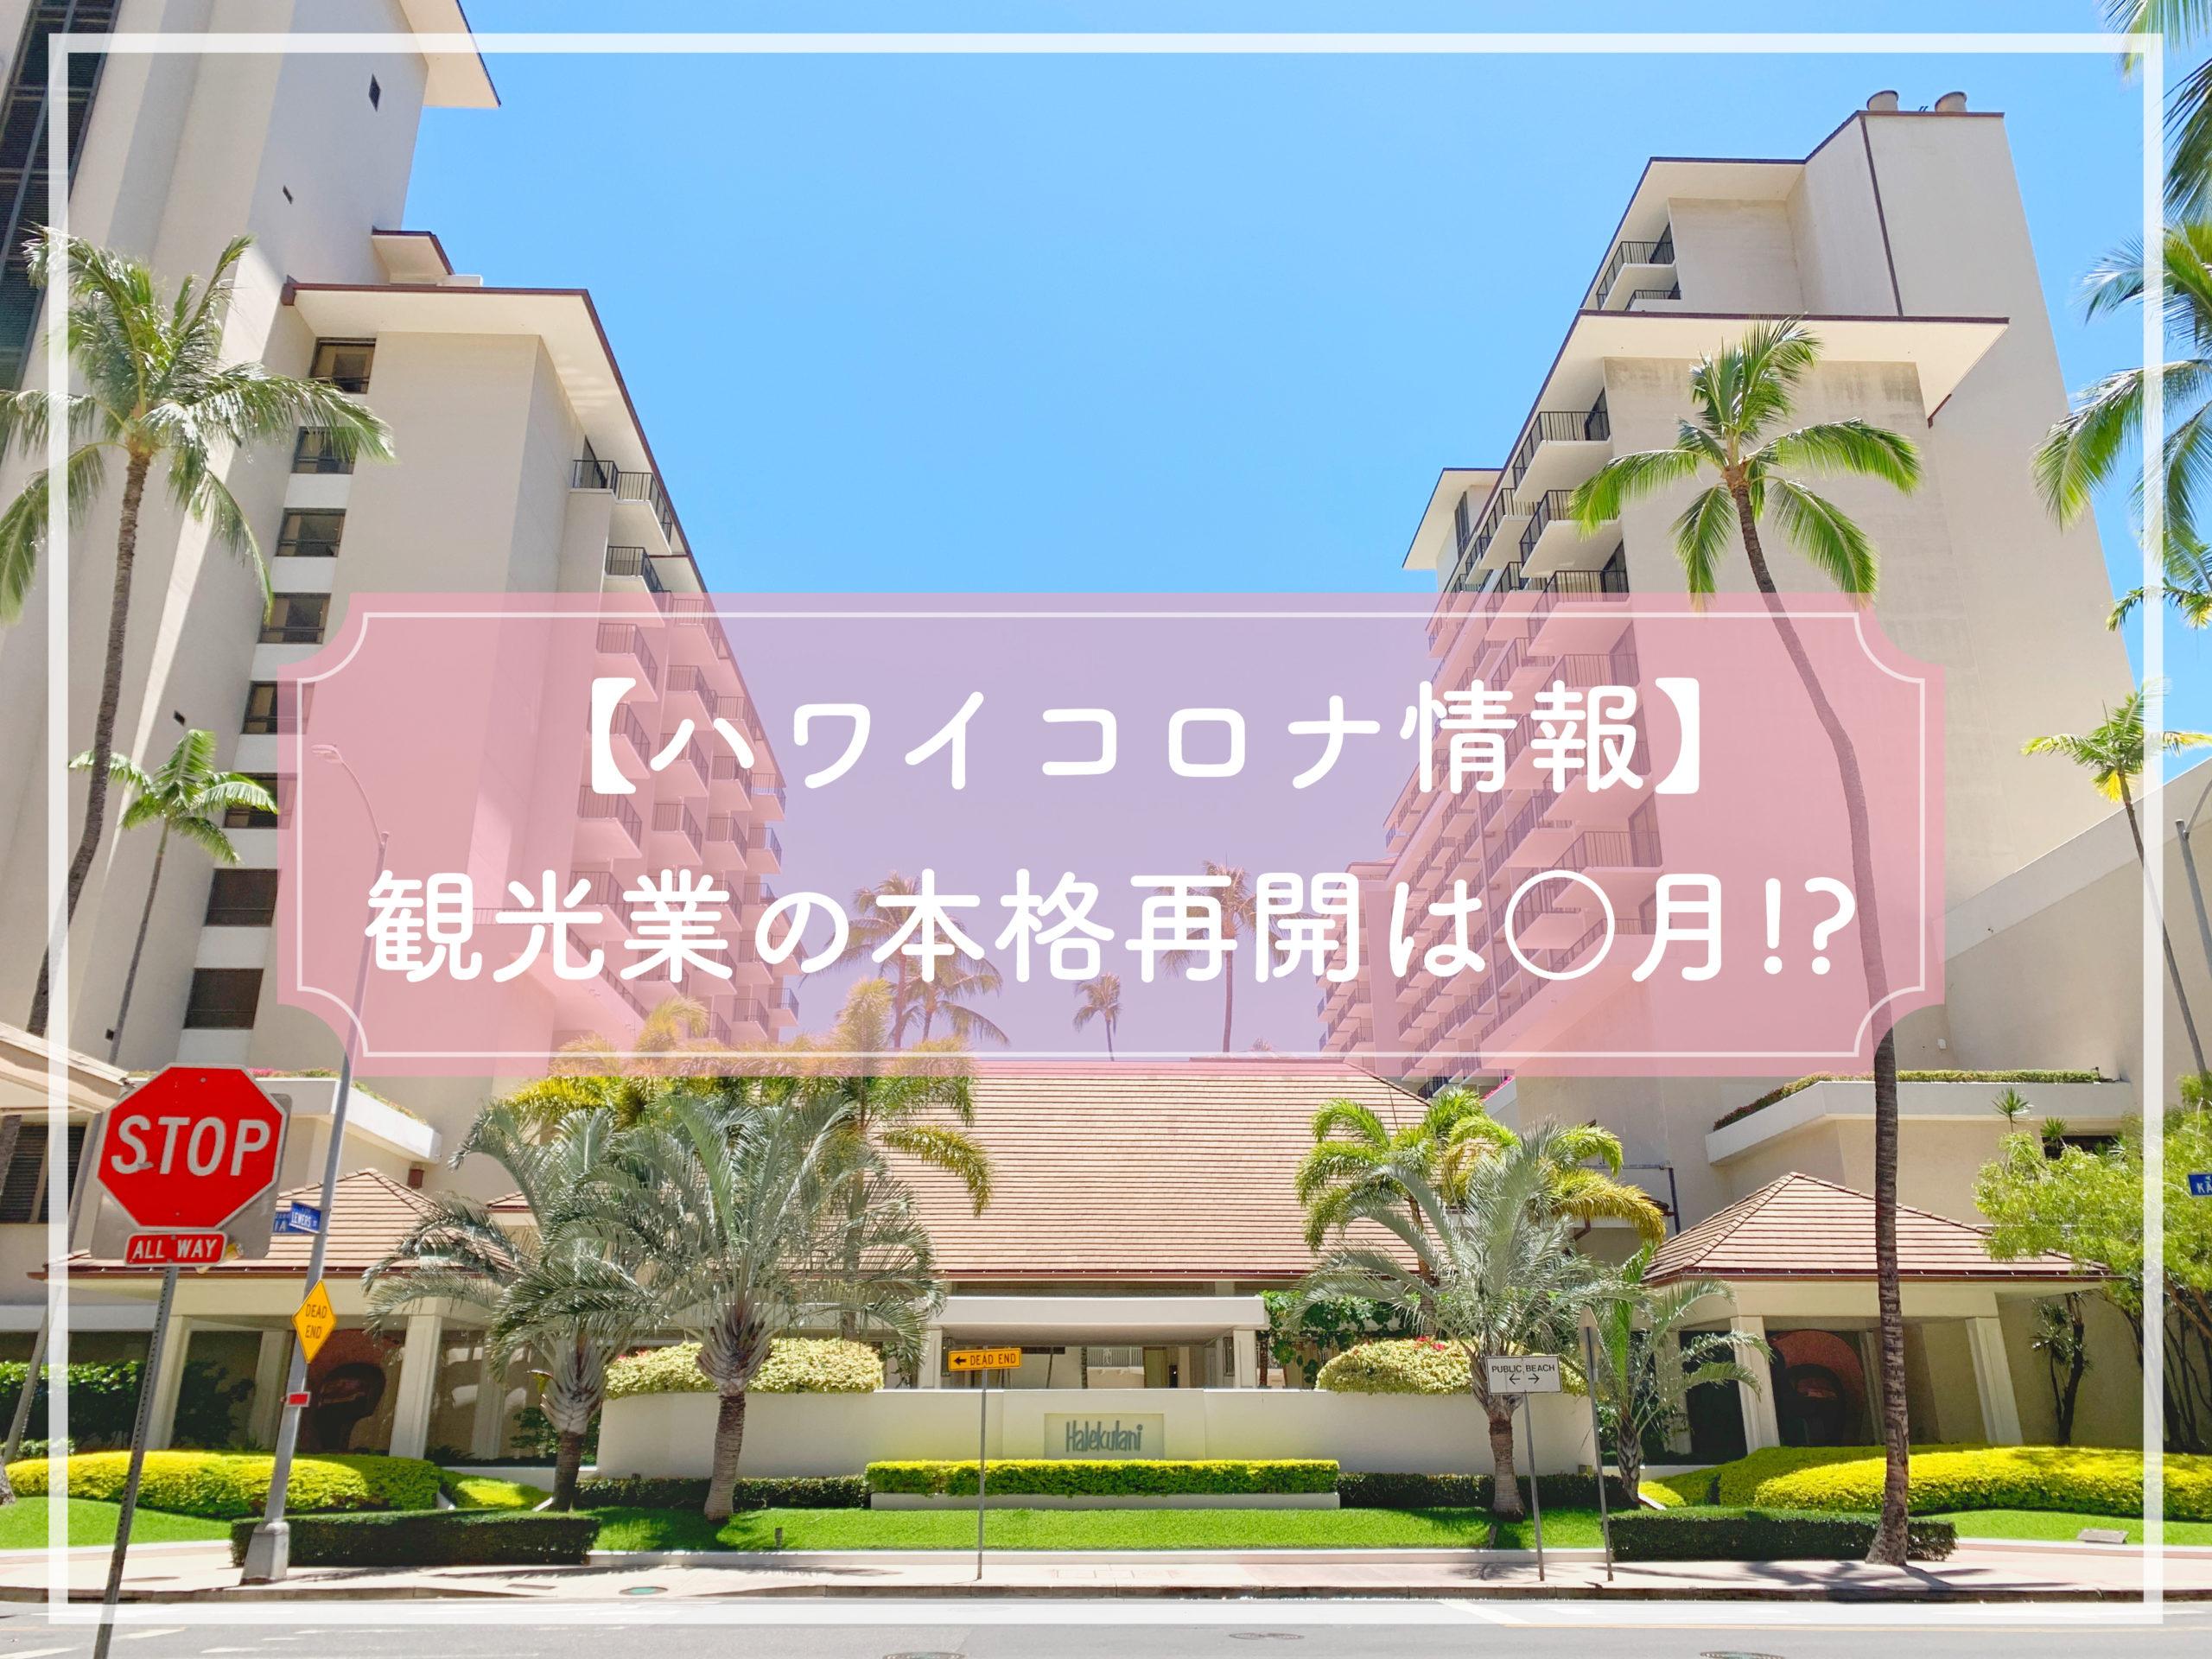 【ハワイコロナ情報】観光業の本格的な再開は○月??日本人の受け入れは最適